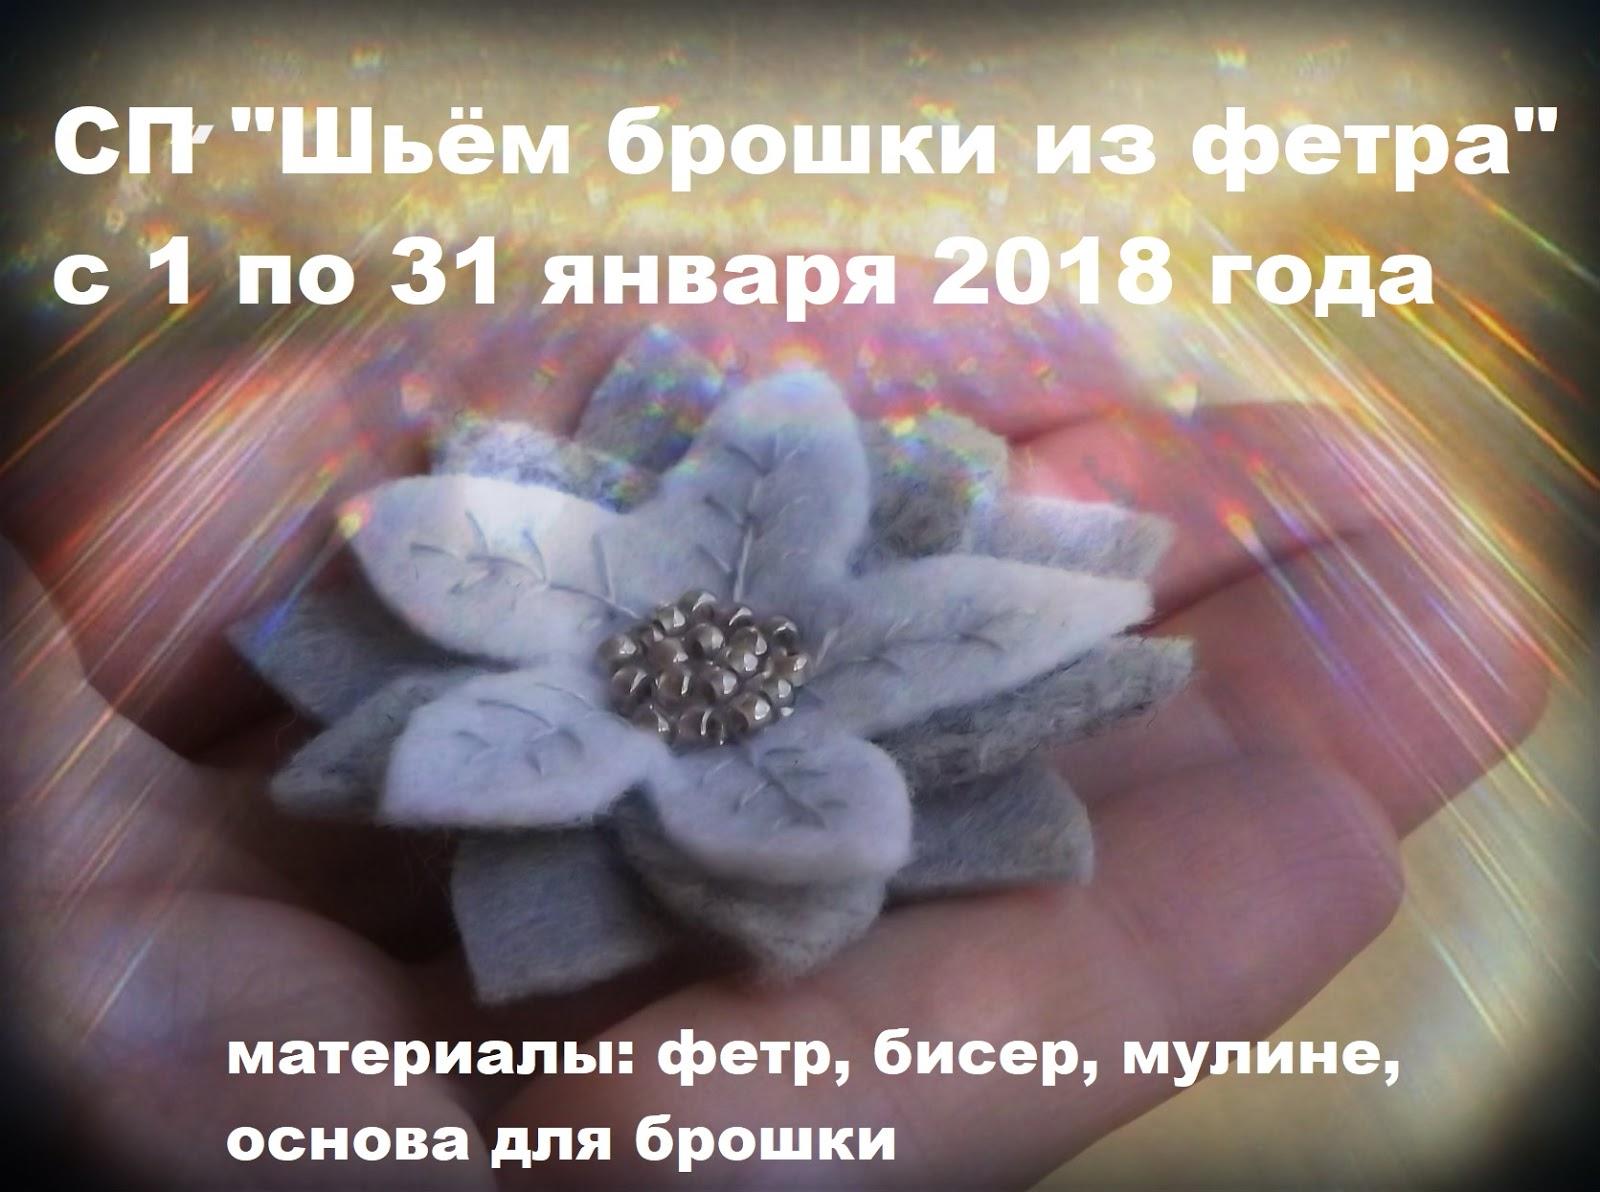 с 1 по 31.01.2018